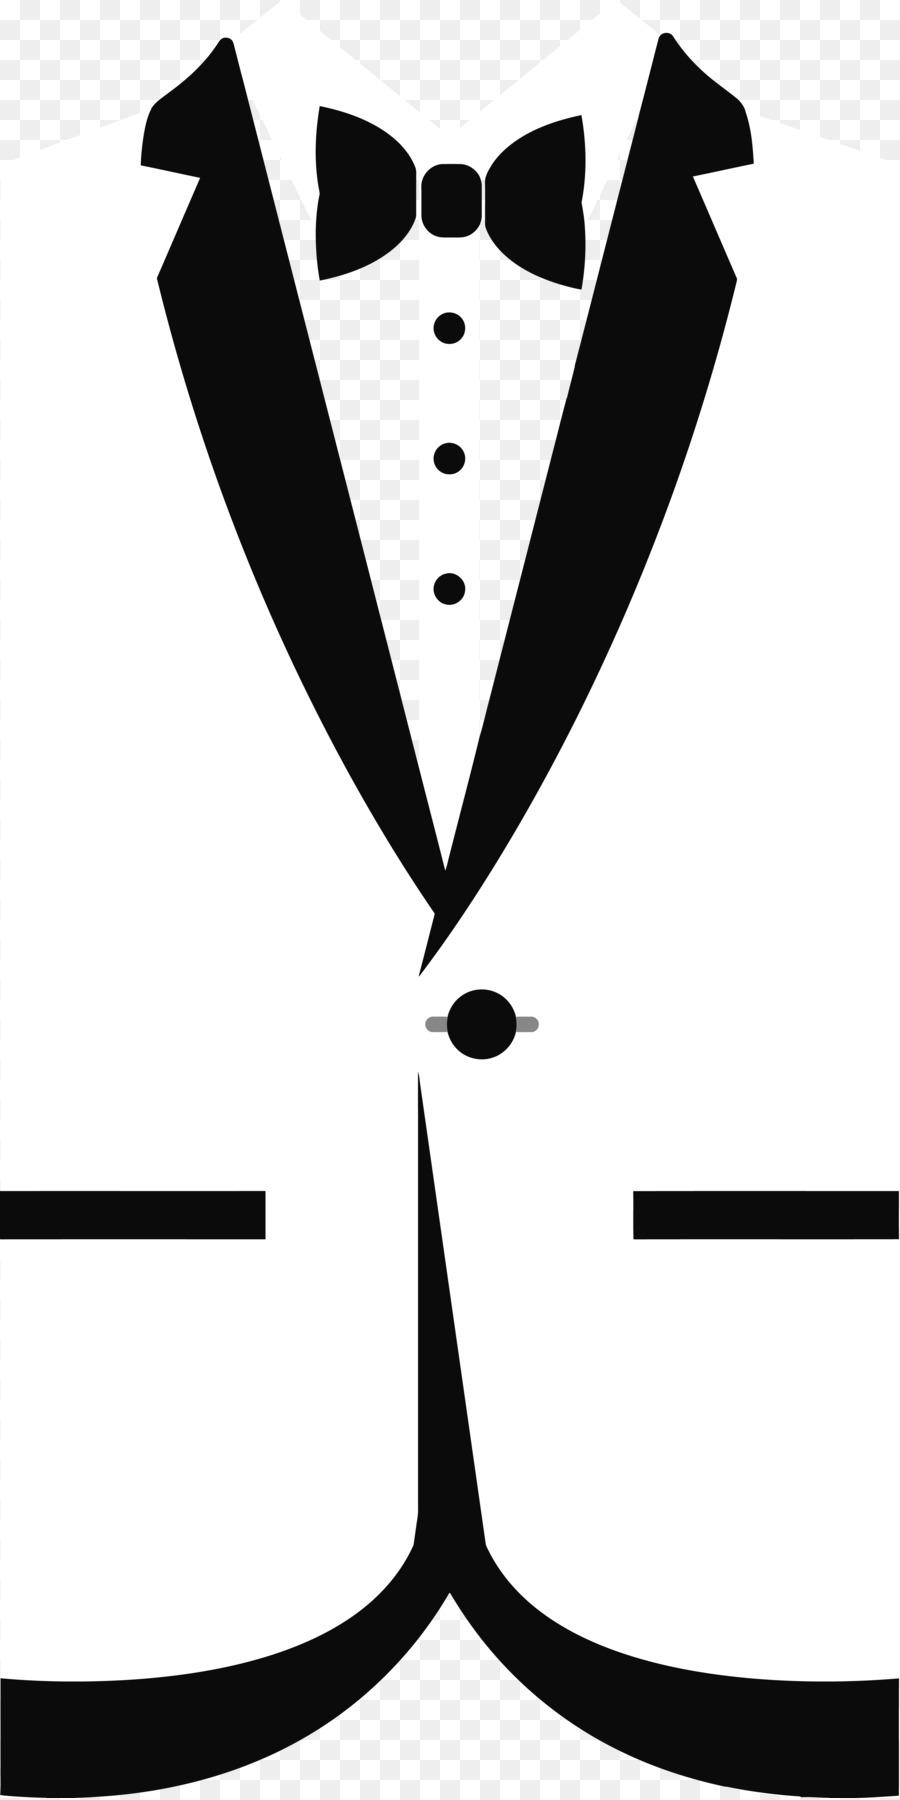 t shirt tuxedo bow tie clip art tie png download 4000 7991 rh kisspng com clipart shirt and tie shirt and tie clipart